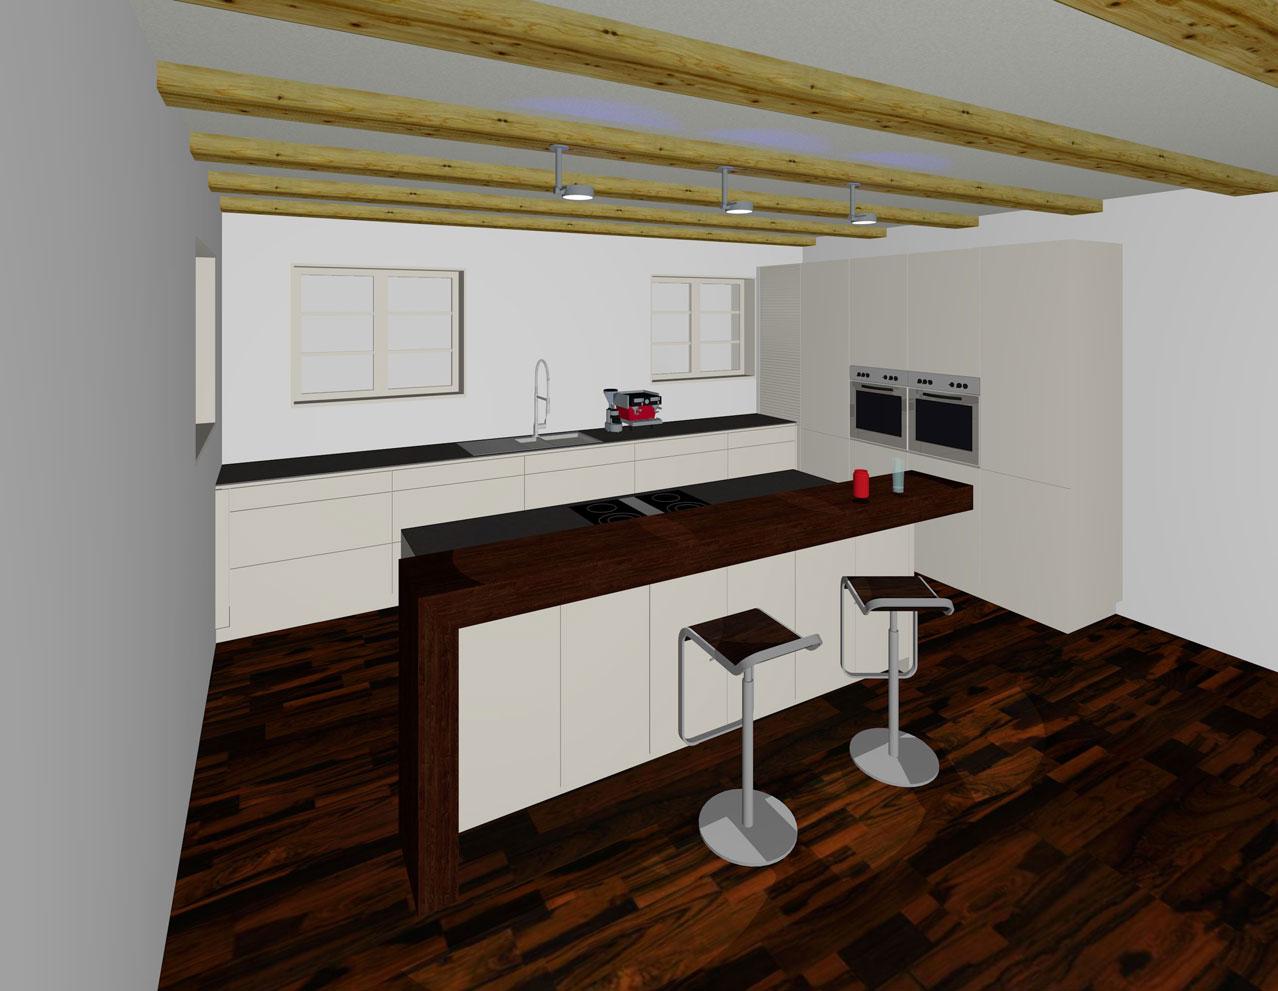 Full Size of Küchentheke Design Küche Mit Theke An Der Wand Küche Mit Kochinsel Und Theke Holz Küche Theke Bauen Küche Küche Mit Theke